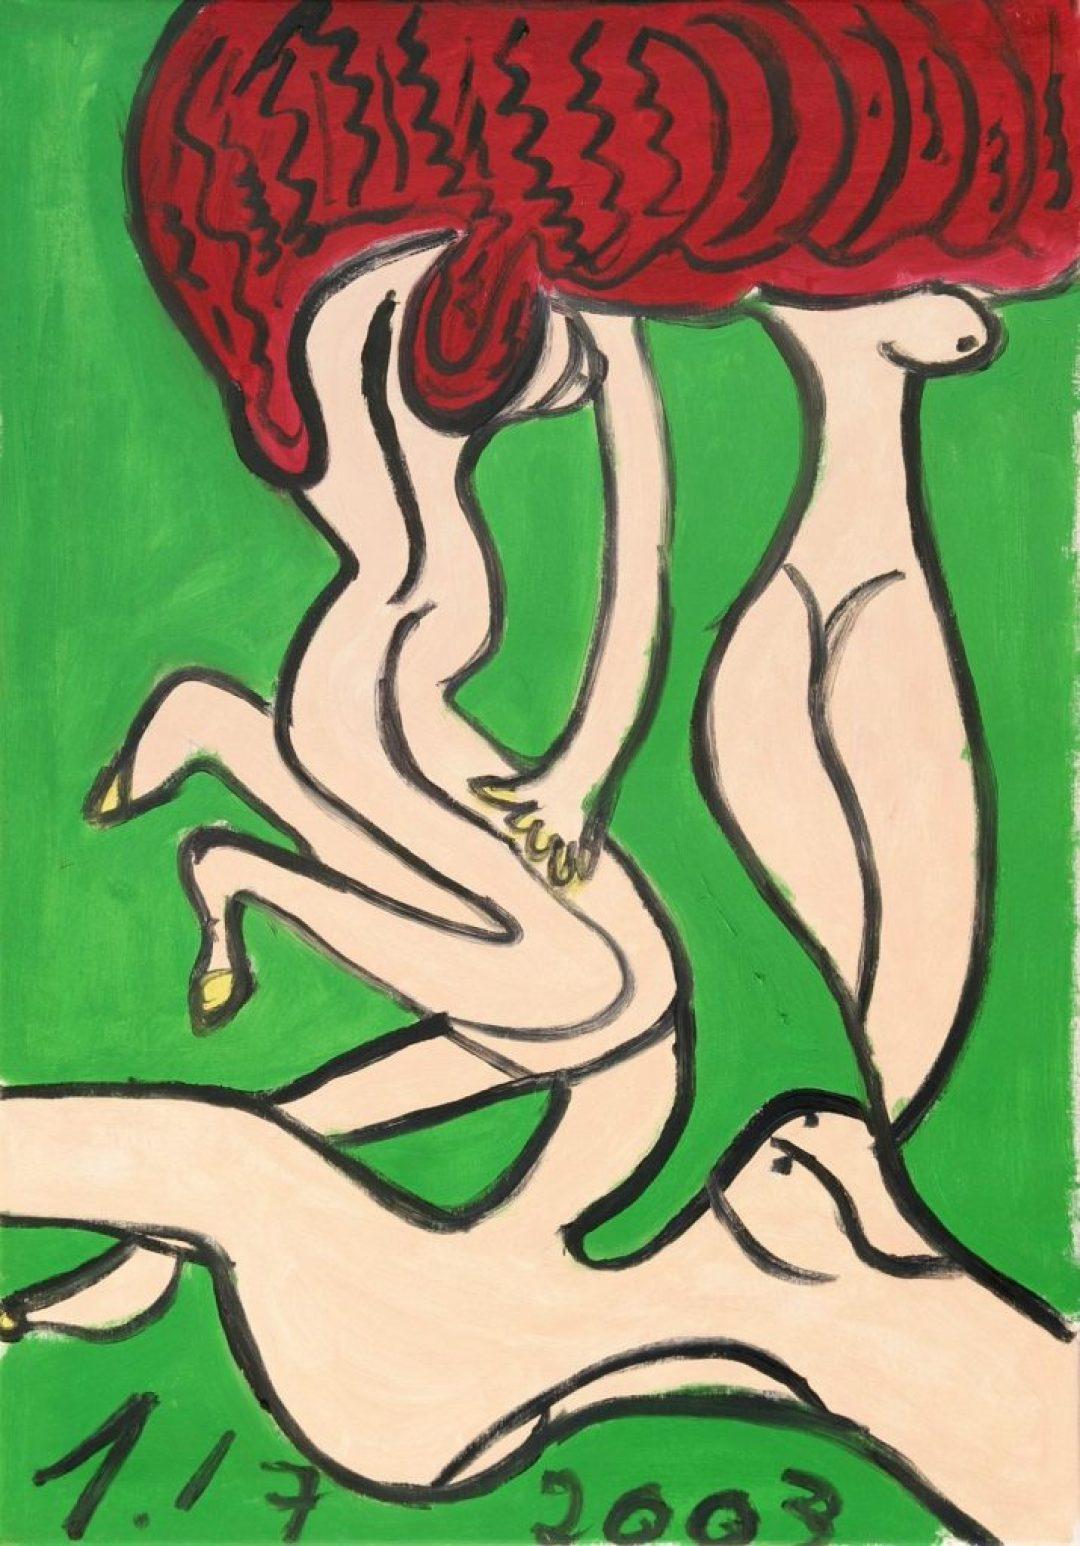 Hugues Joly, sans titre, 2007, peinture à l'huile sur toile, 100 x 70 cm